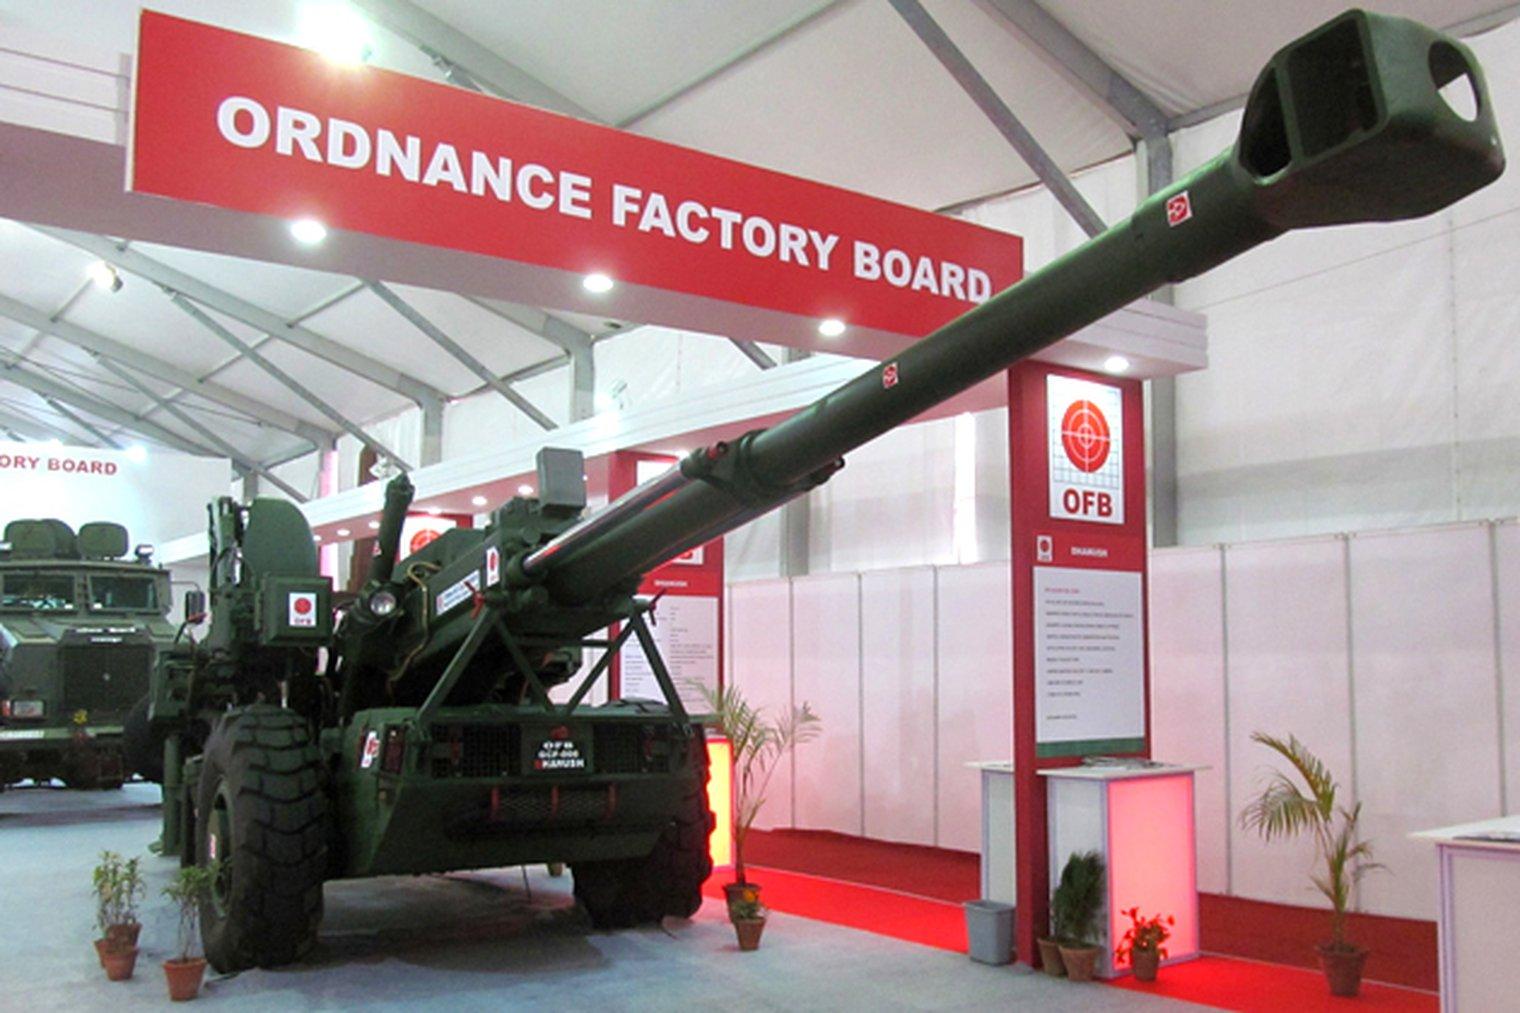 Optimisation of Ordnance Factory Board